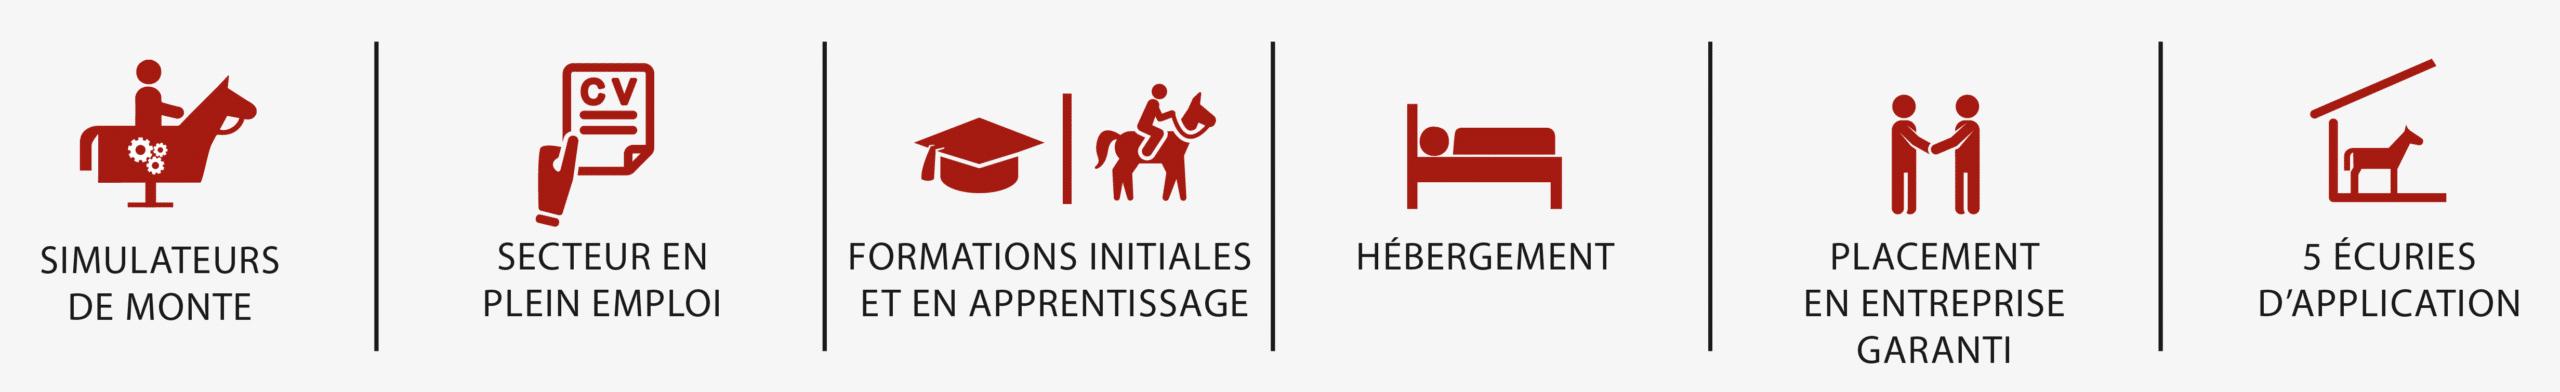 6 BONNES RAISONS DE REJOINDRE L ECOLE DES COURSES HIPPIQUES